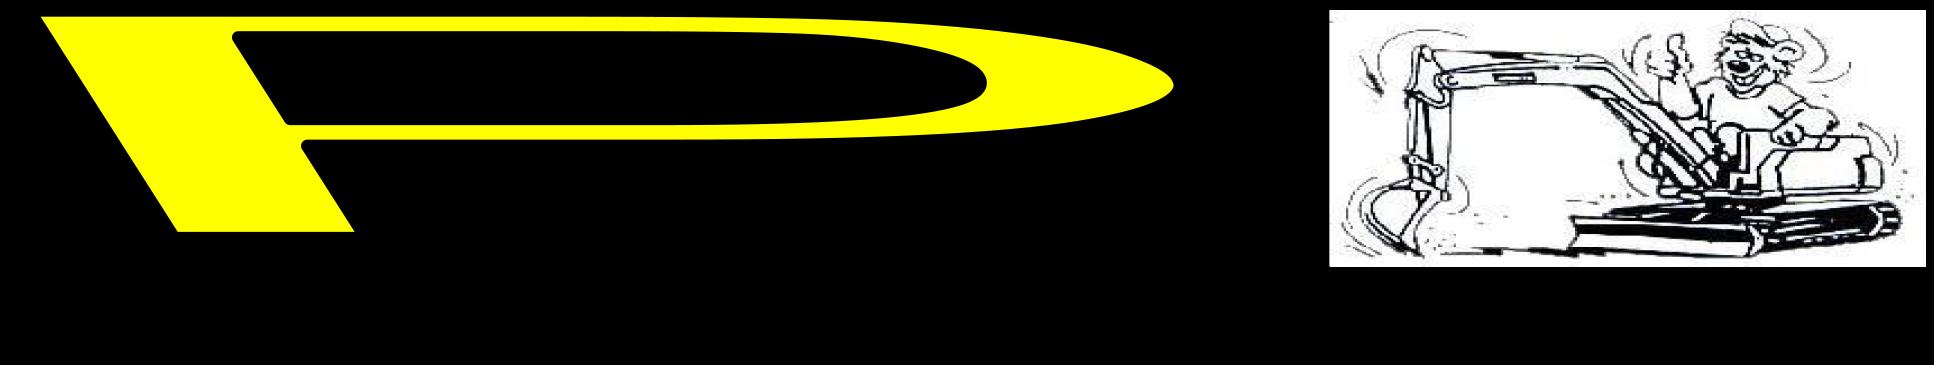 Pramreiter